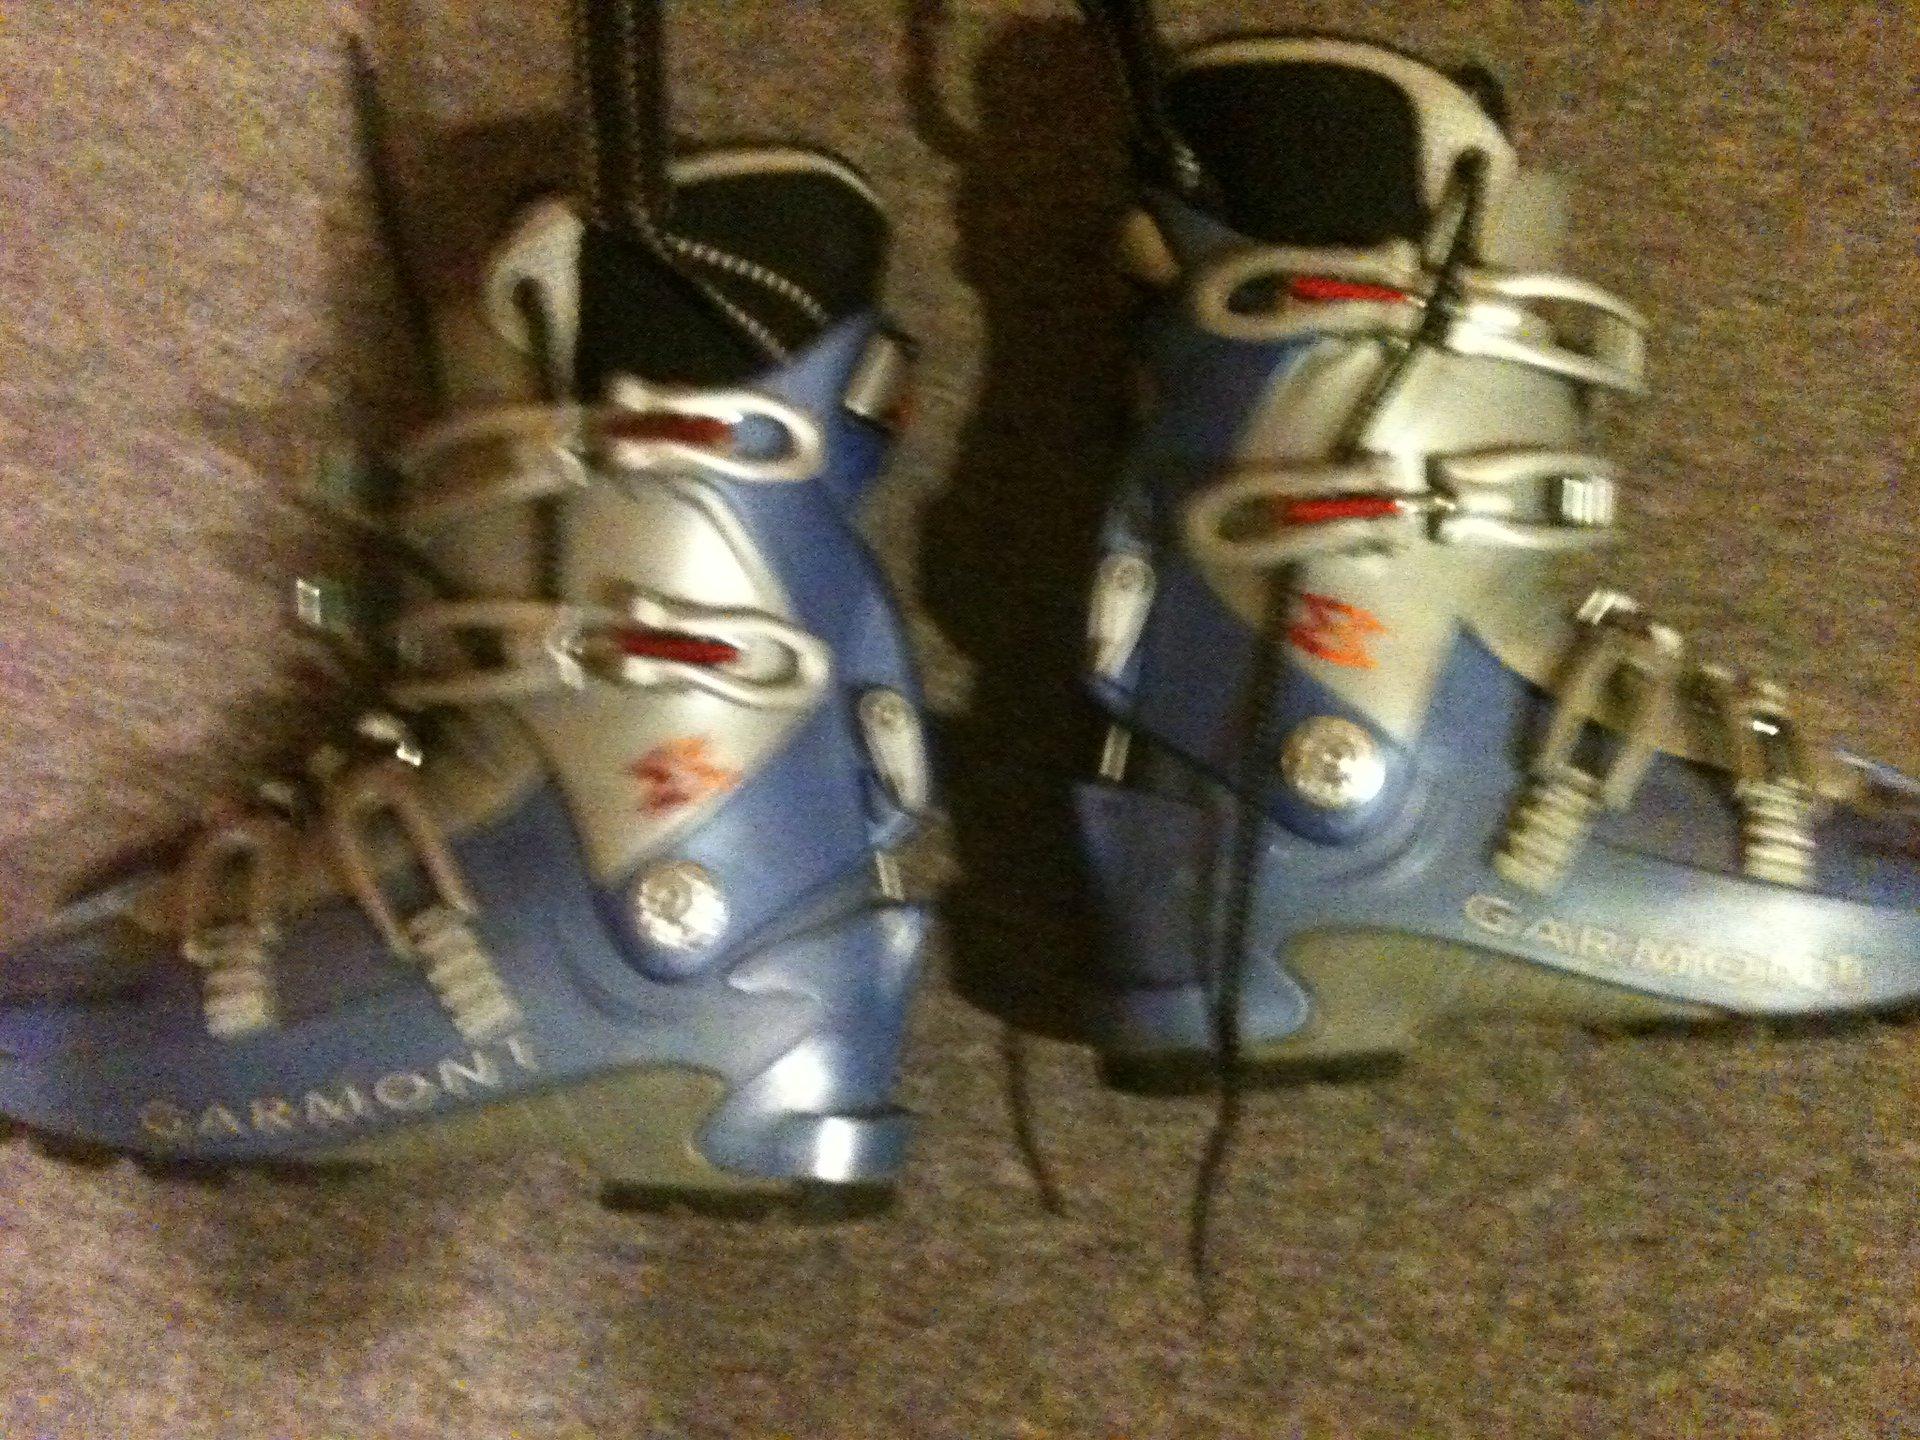 ski boots FS